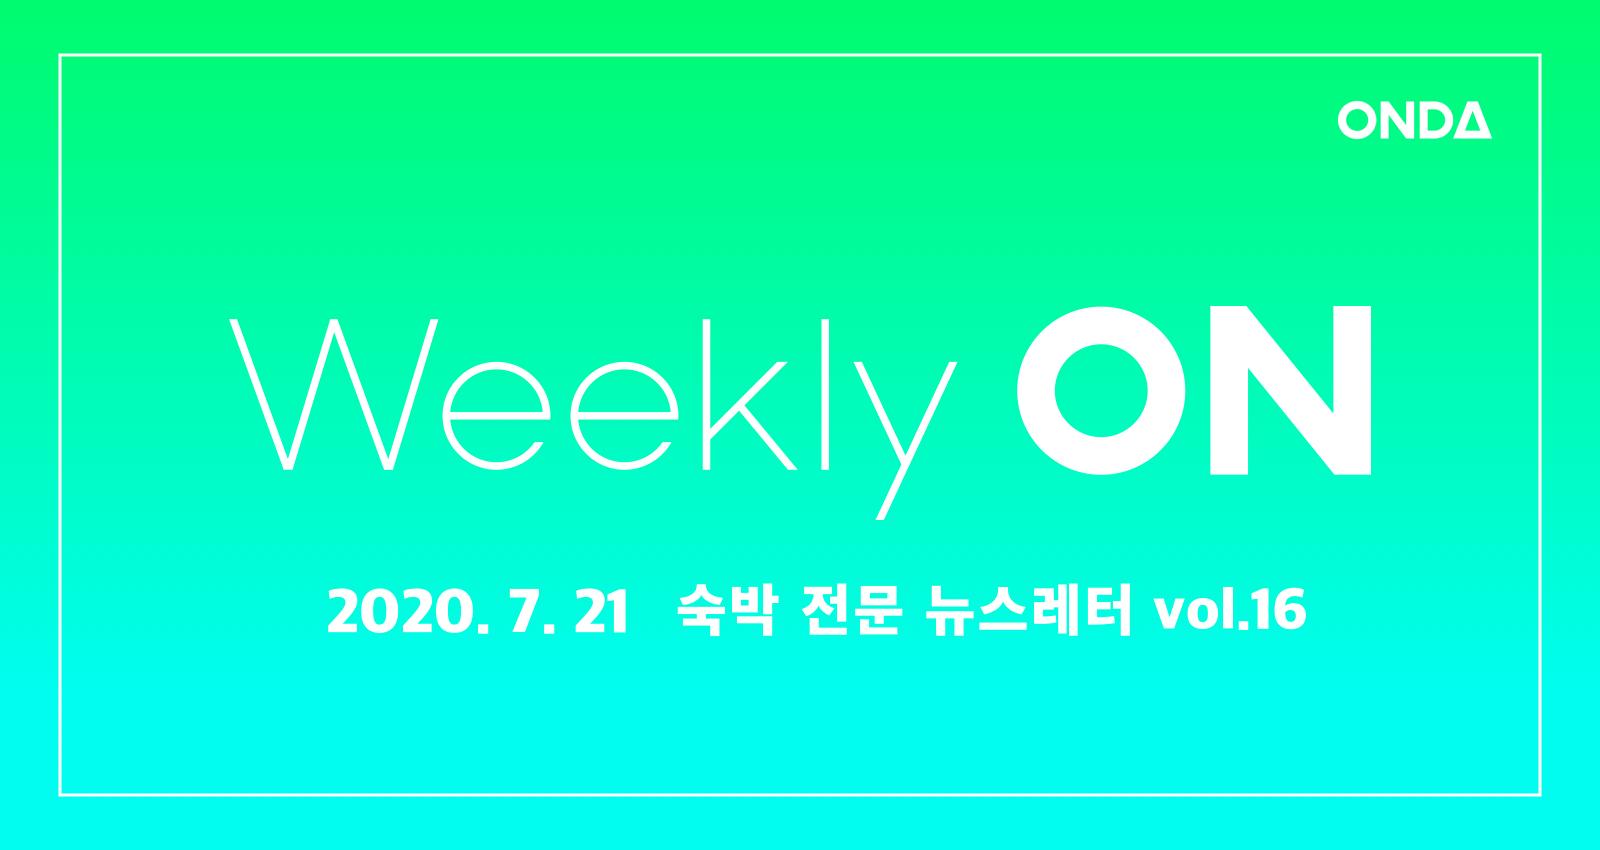 [뉴스레터] Weekly ON 2020년 7월 소식 (2020.07.21 업데이트)